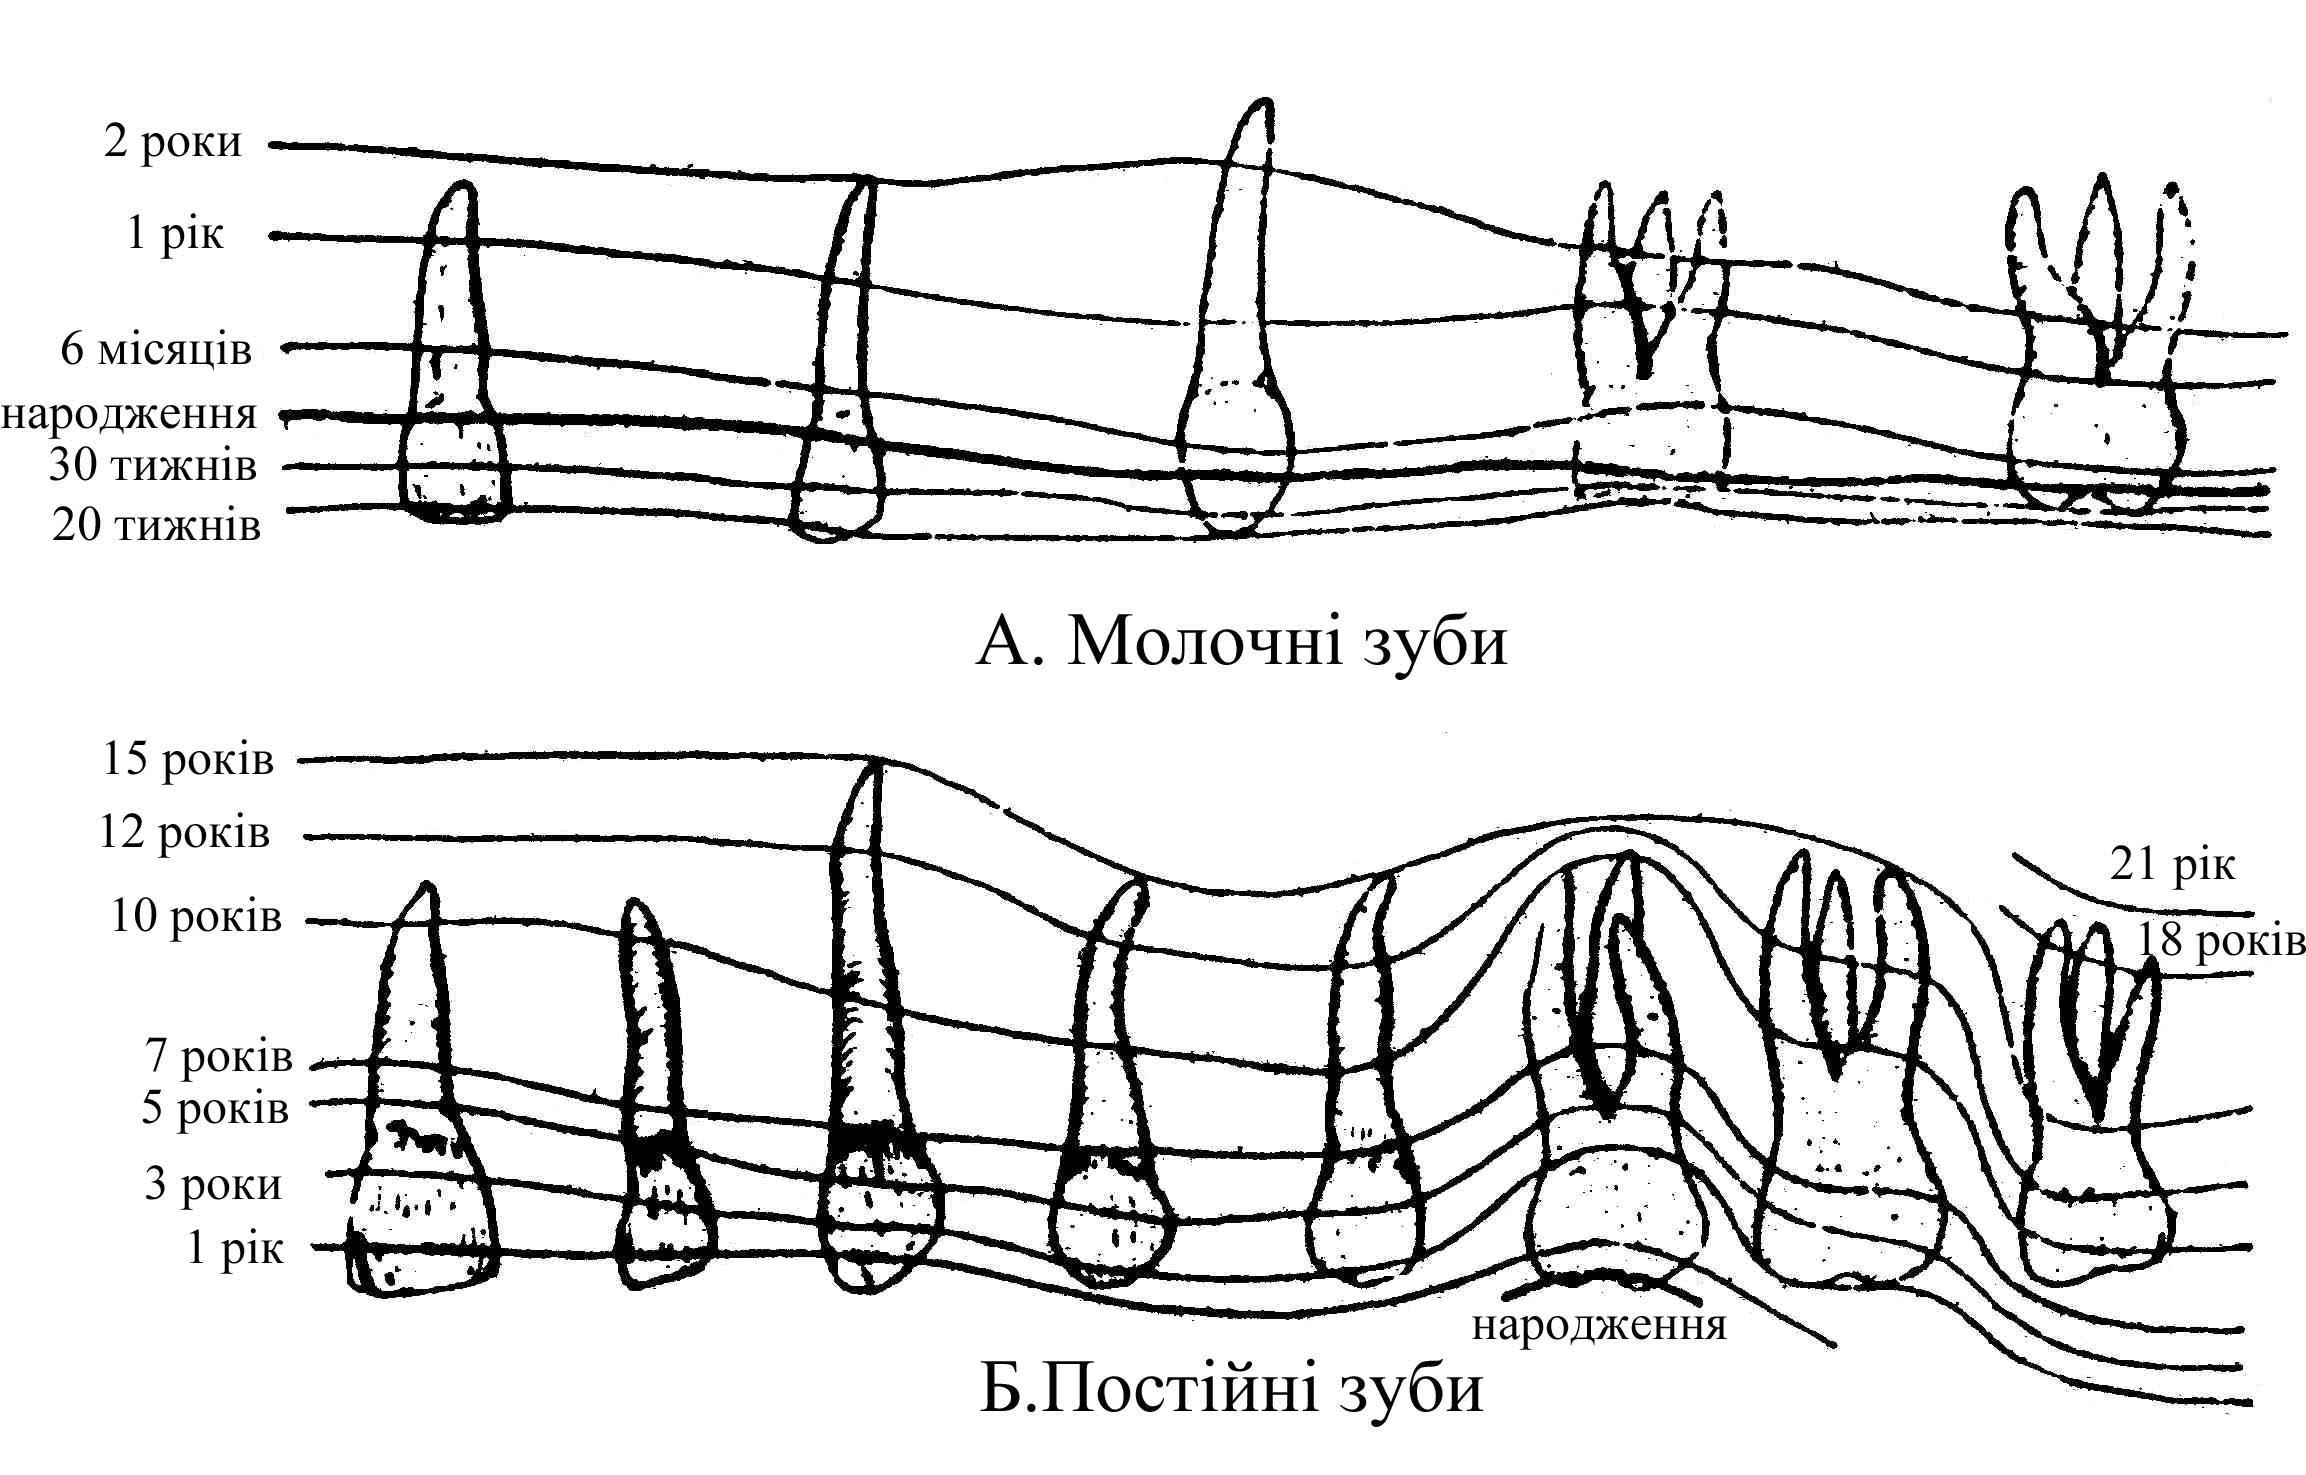 схема три нейронної рефлекторної дуги та її складові